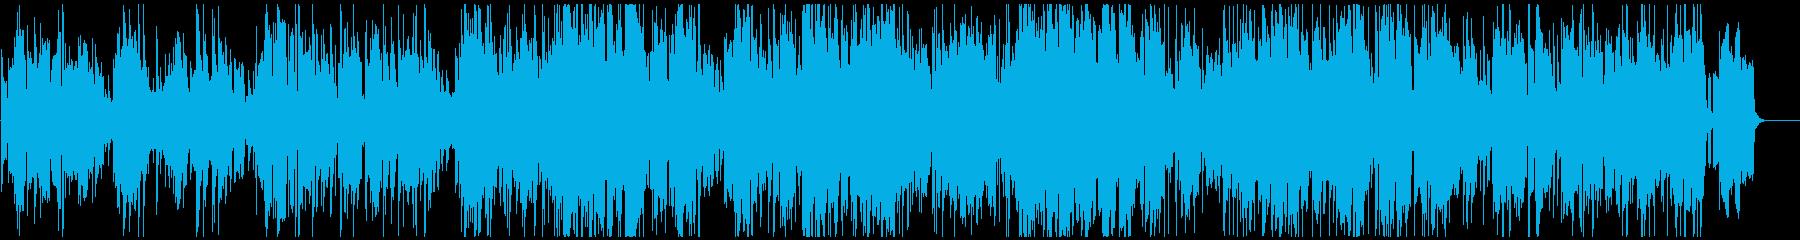 オルガンとテナーサックスの素敵なジャズの再生済みの波形